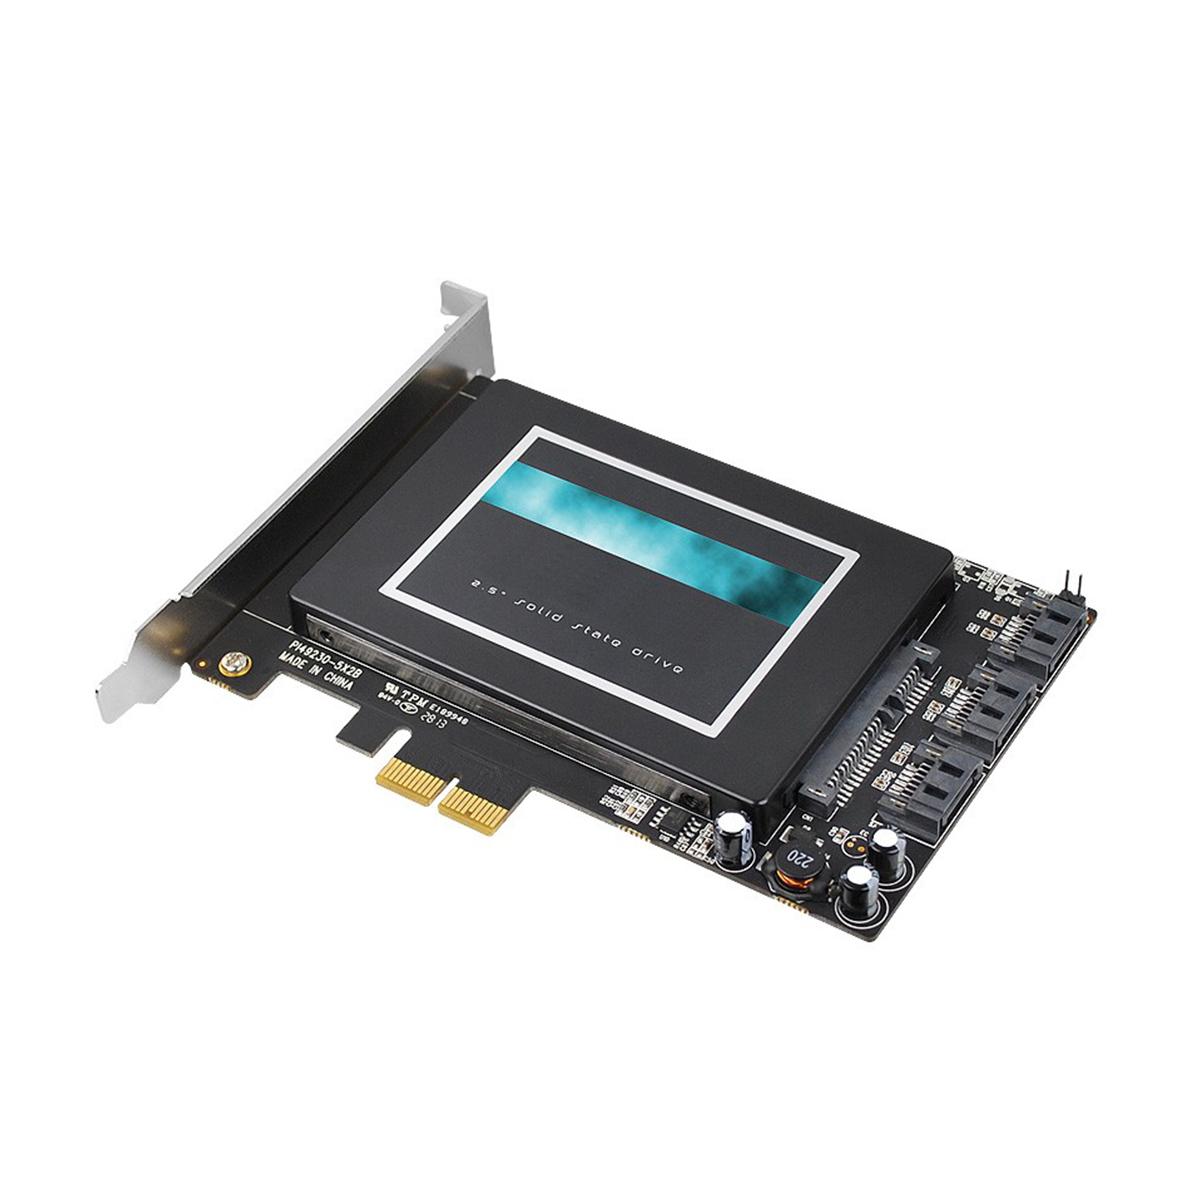 AVLAB 3-Port SATA + SSD Hybrid PCIe, 6Gbps, Internal Serial